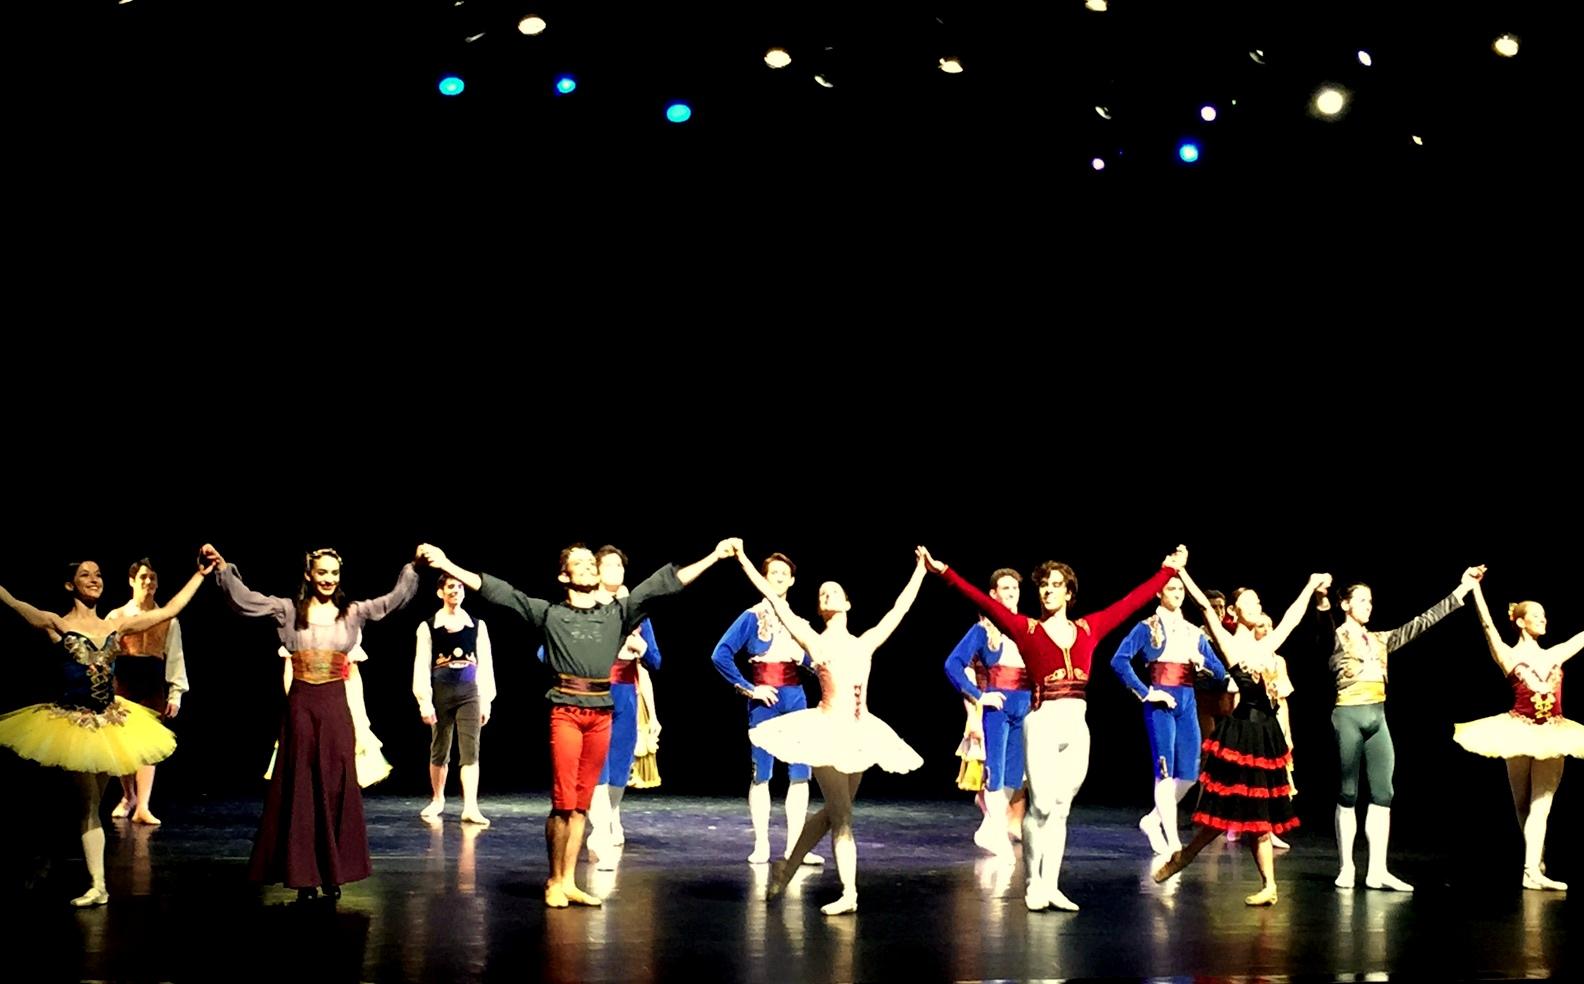 ballet-nacional-del-uruguay-luis-figueroa-ufma